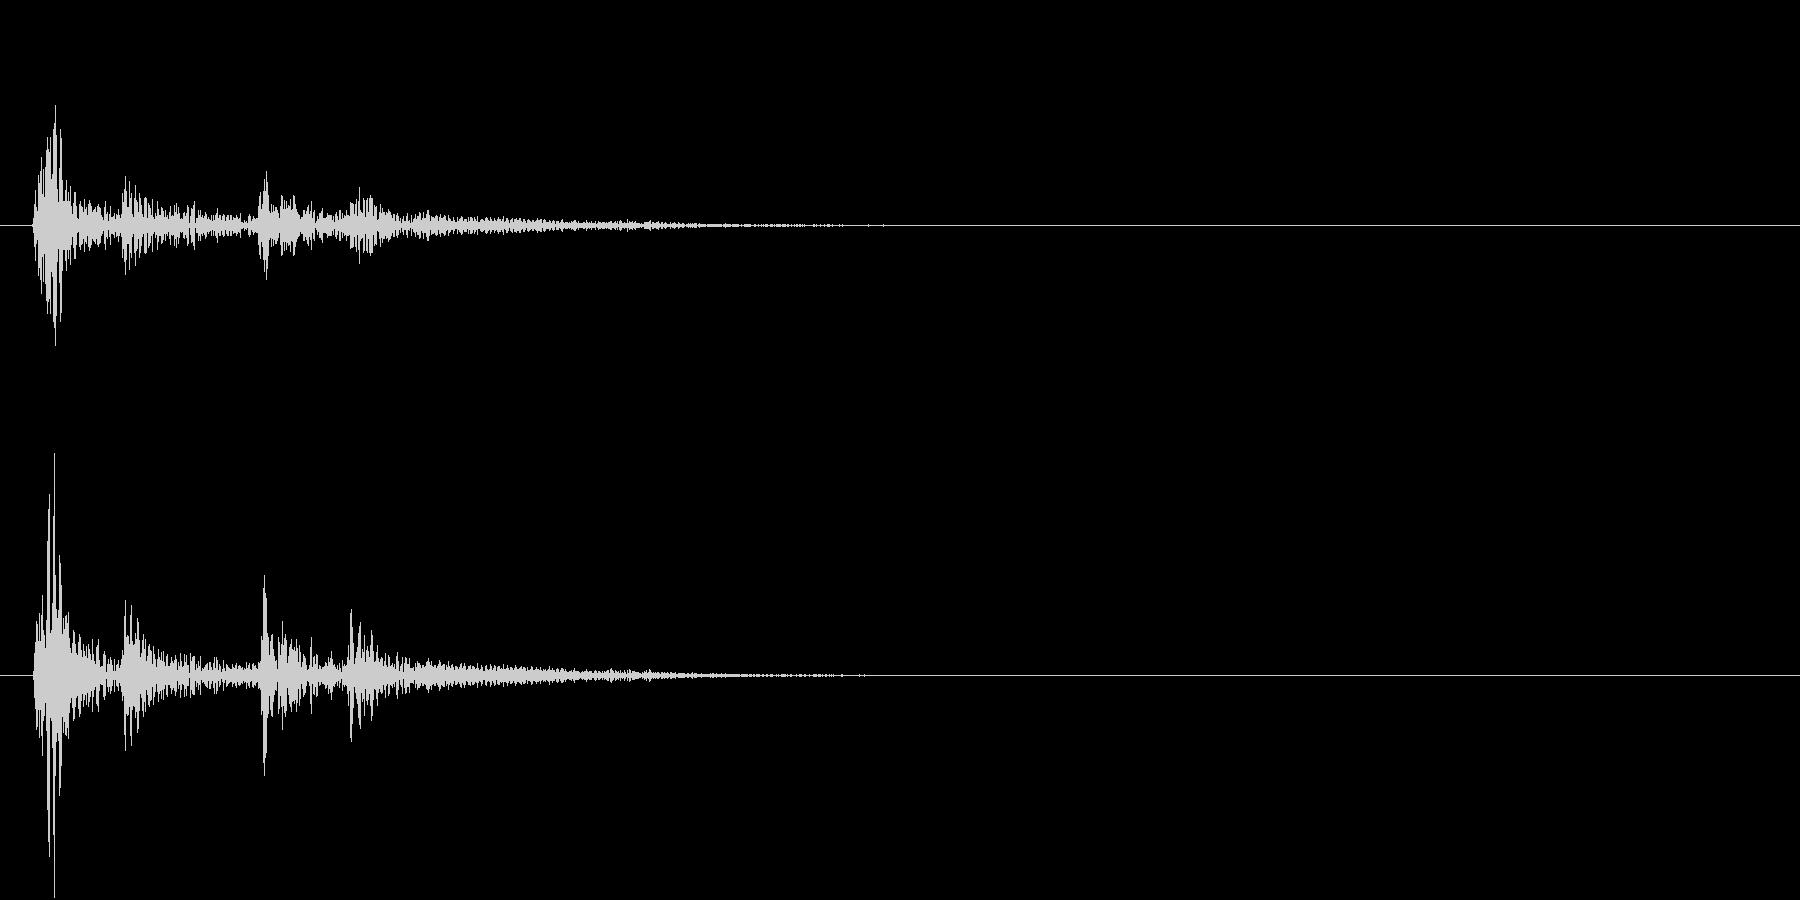 【生録音】お茶碗に箸が当たる音 単発 3の未再生の波形